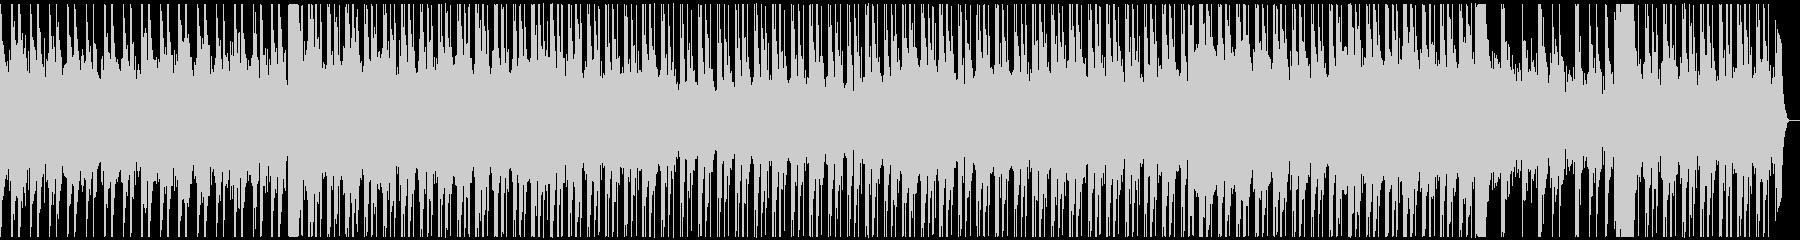 ラスボス感のあるBGMの未再生の波形